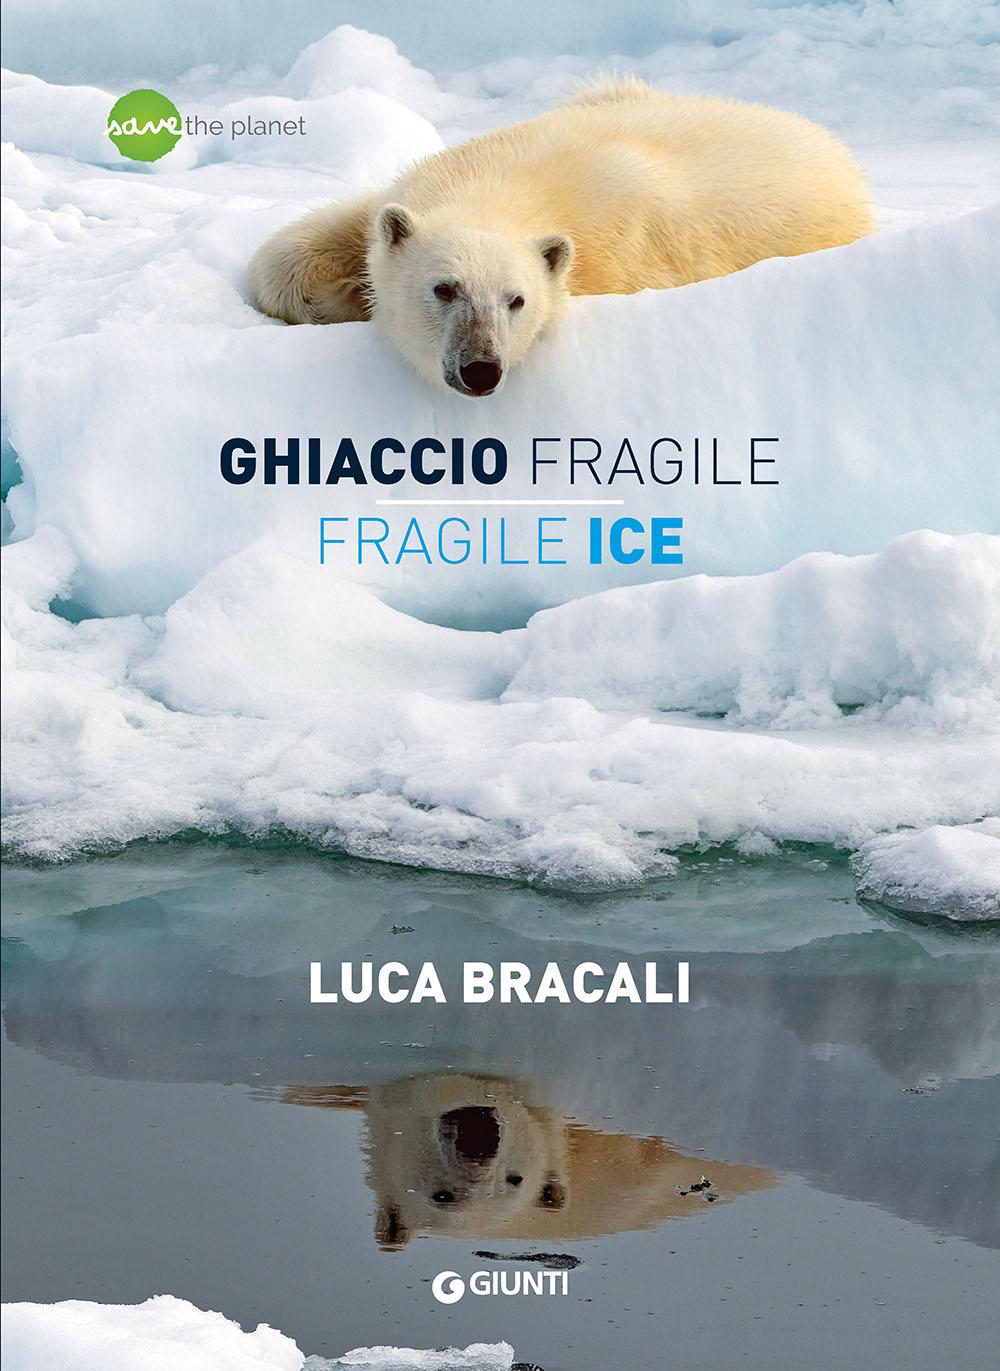 Ghiaccio fragile / Fragile Ice